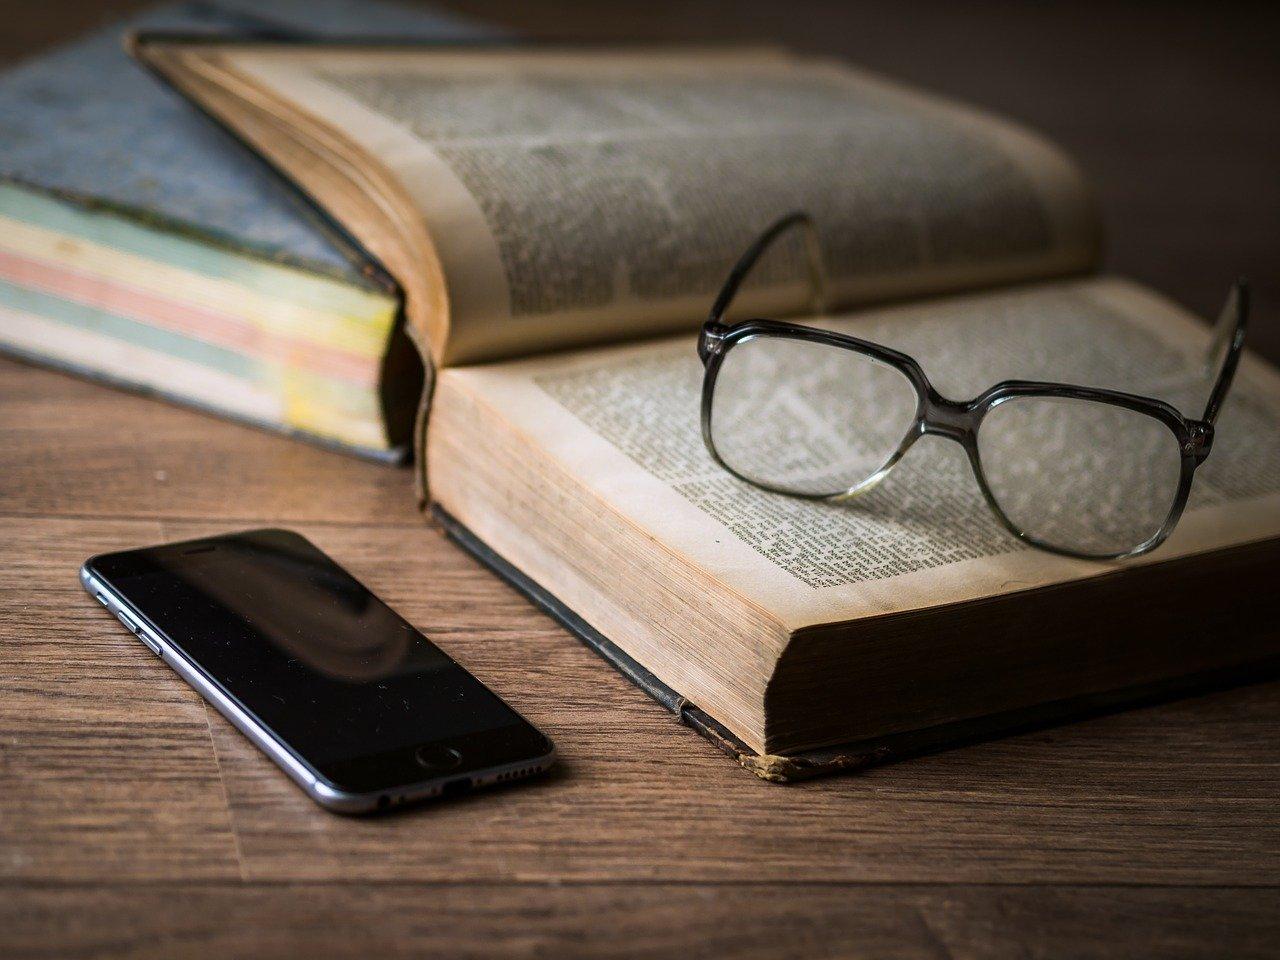 智慧型手機盯久了,眼睛變得很難聚焦?!跟著這樣做,讓眼球對焦快狠準